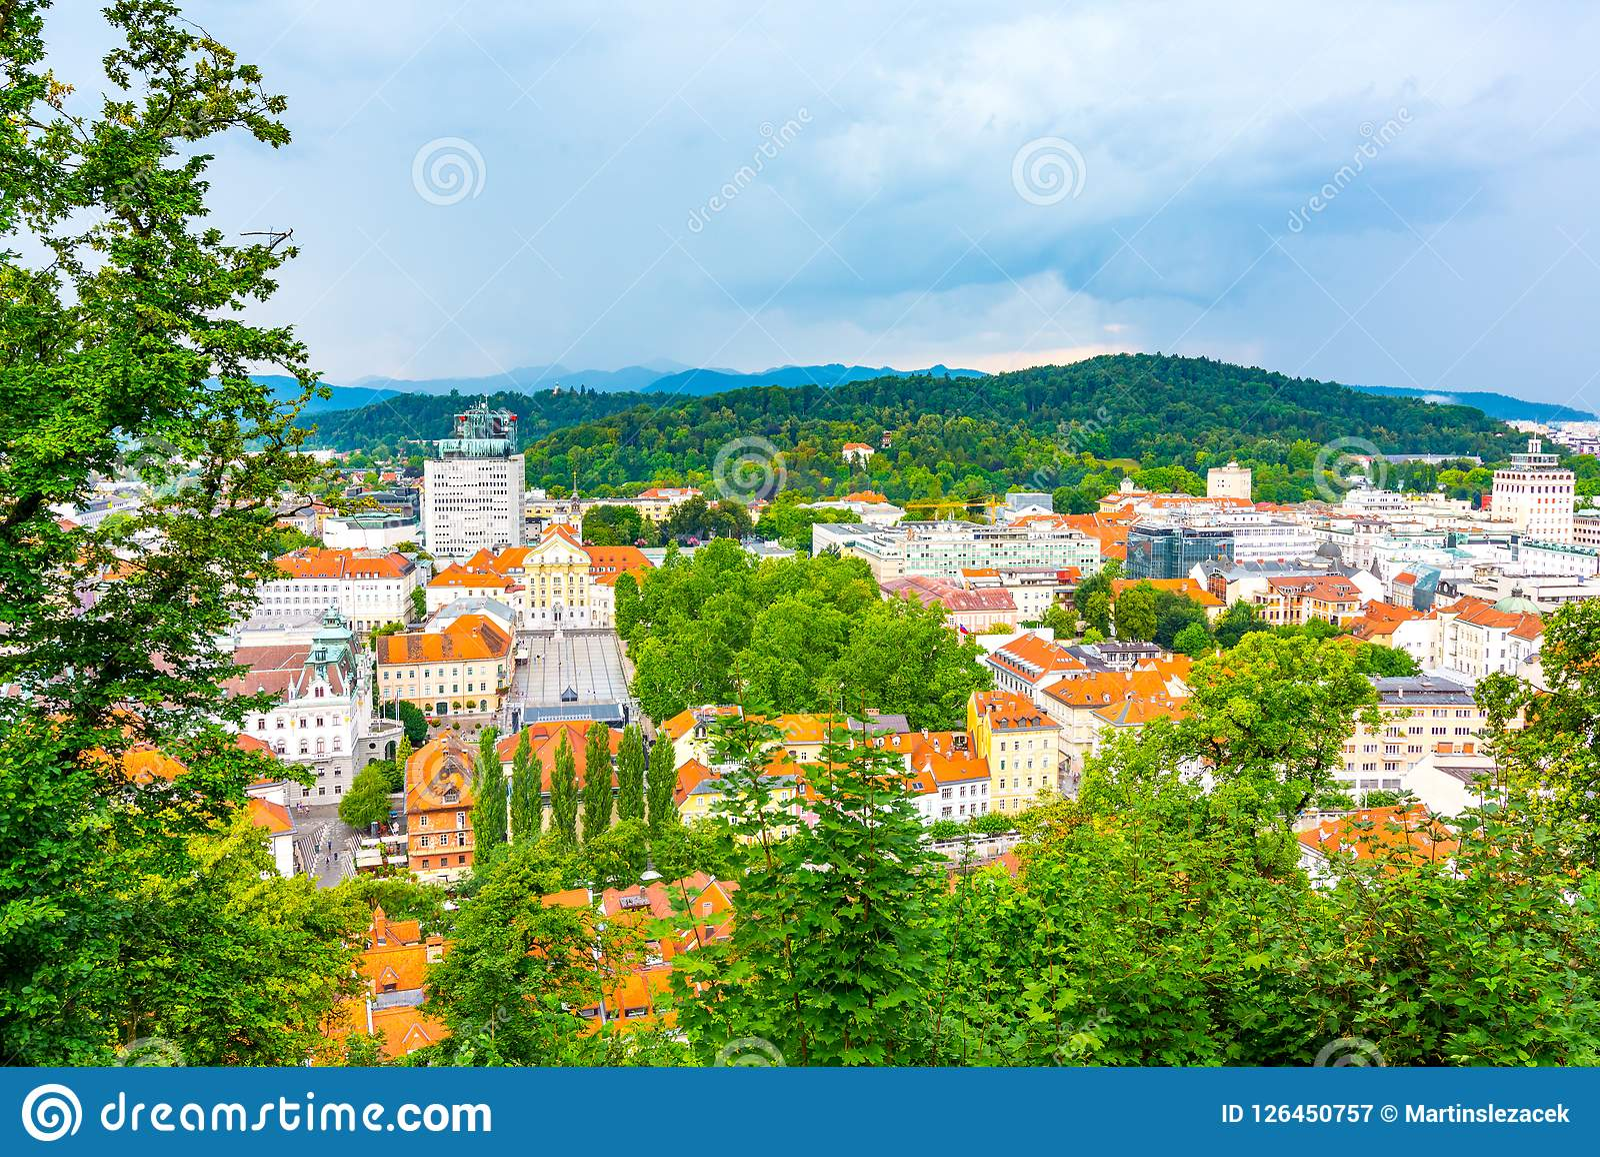 Vista aerea di paesaggio urbano di Transferrina Guardi alla capitale della Slovenia dal parco del castello